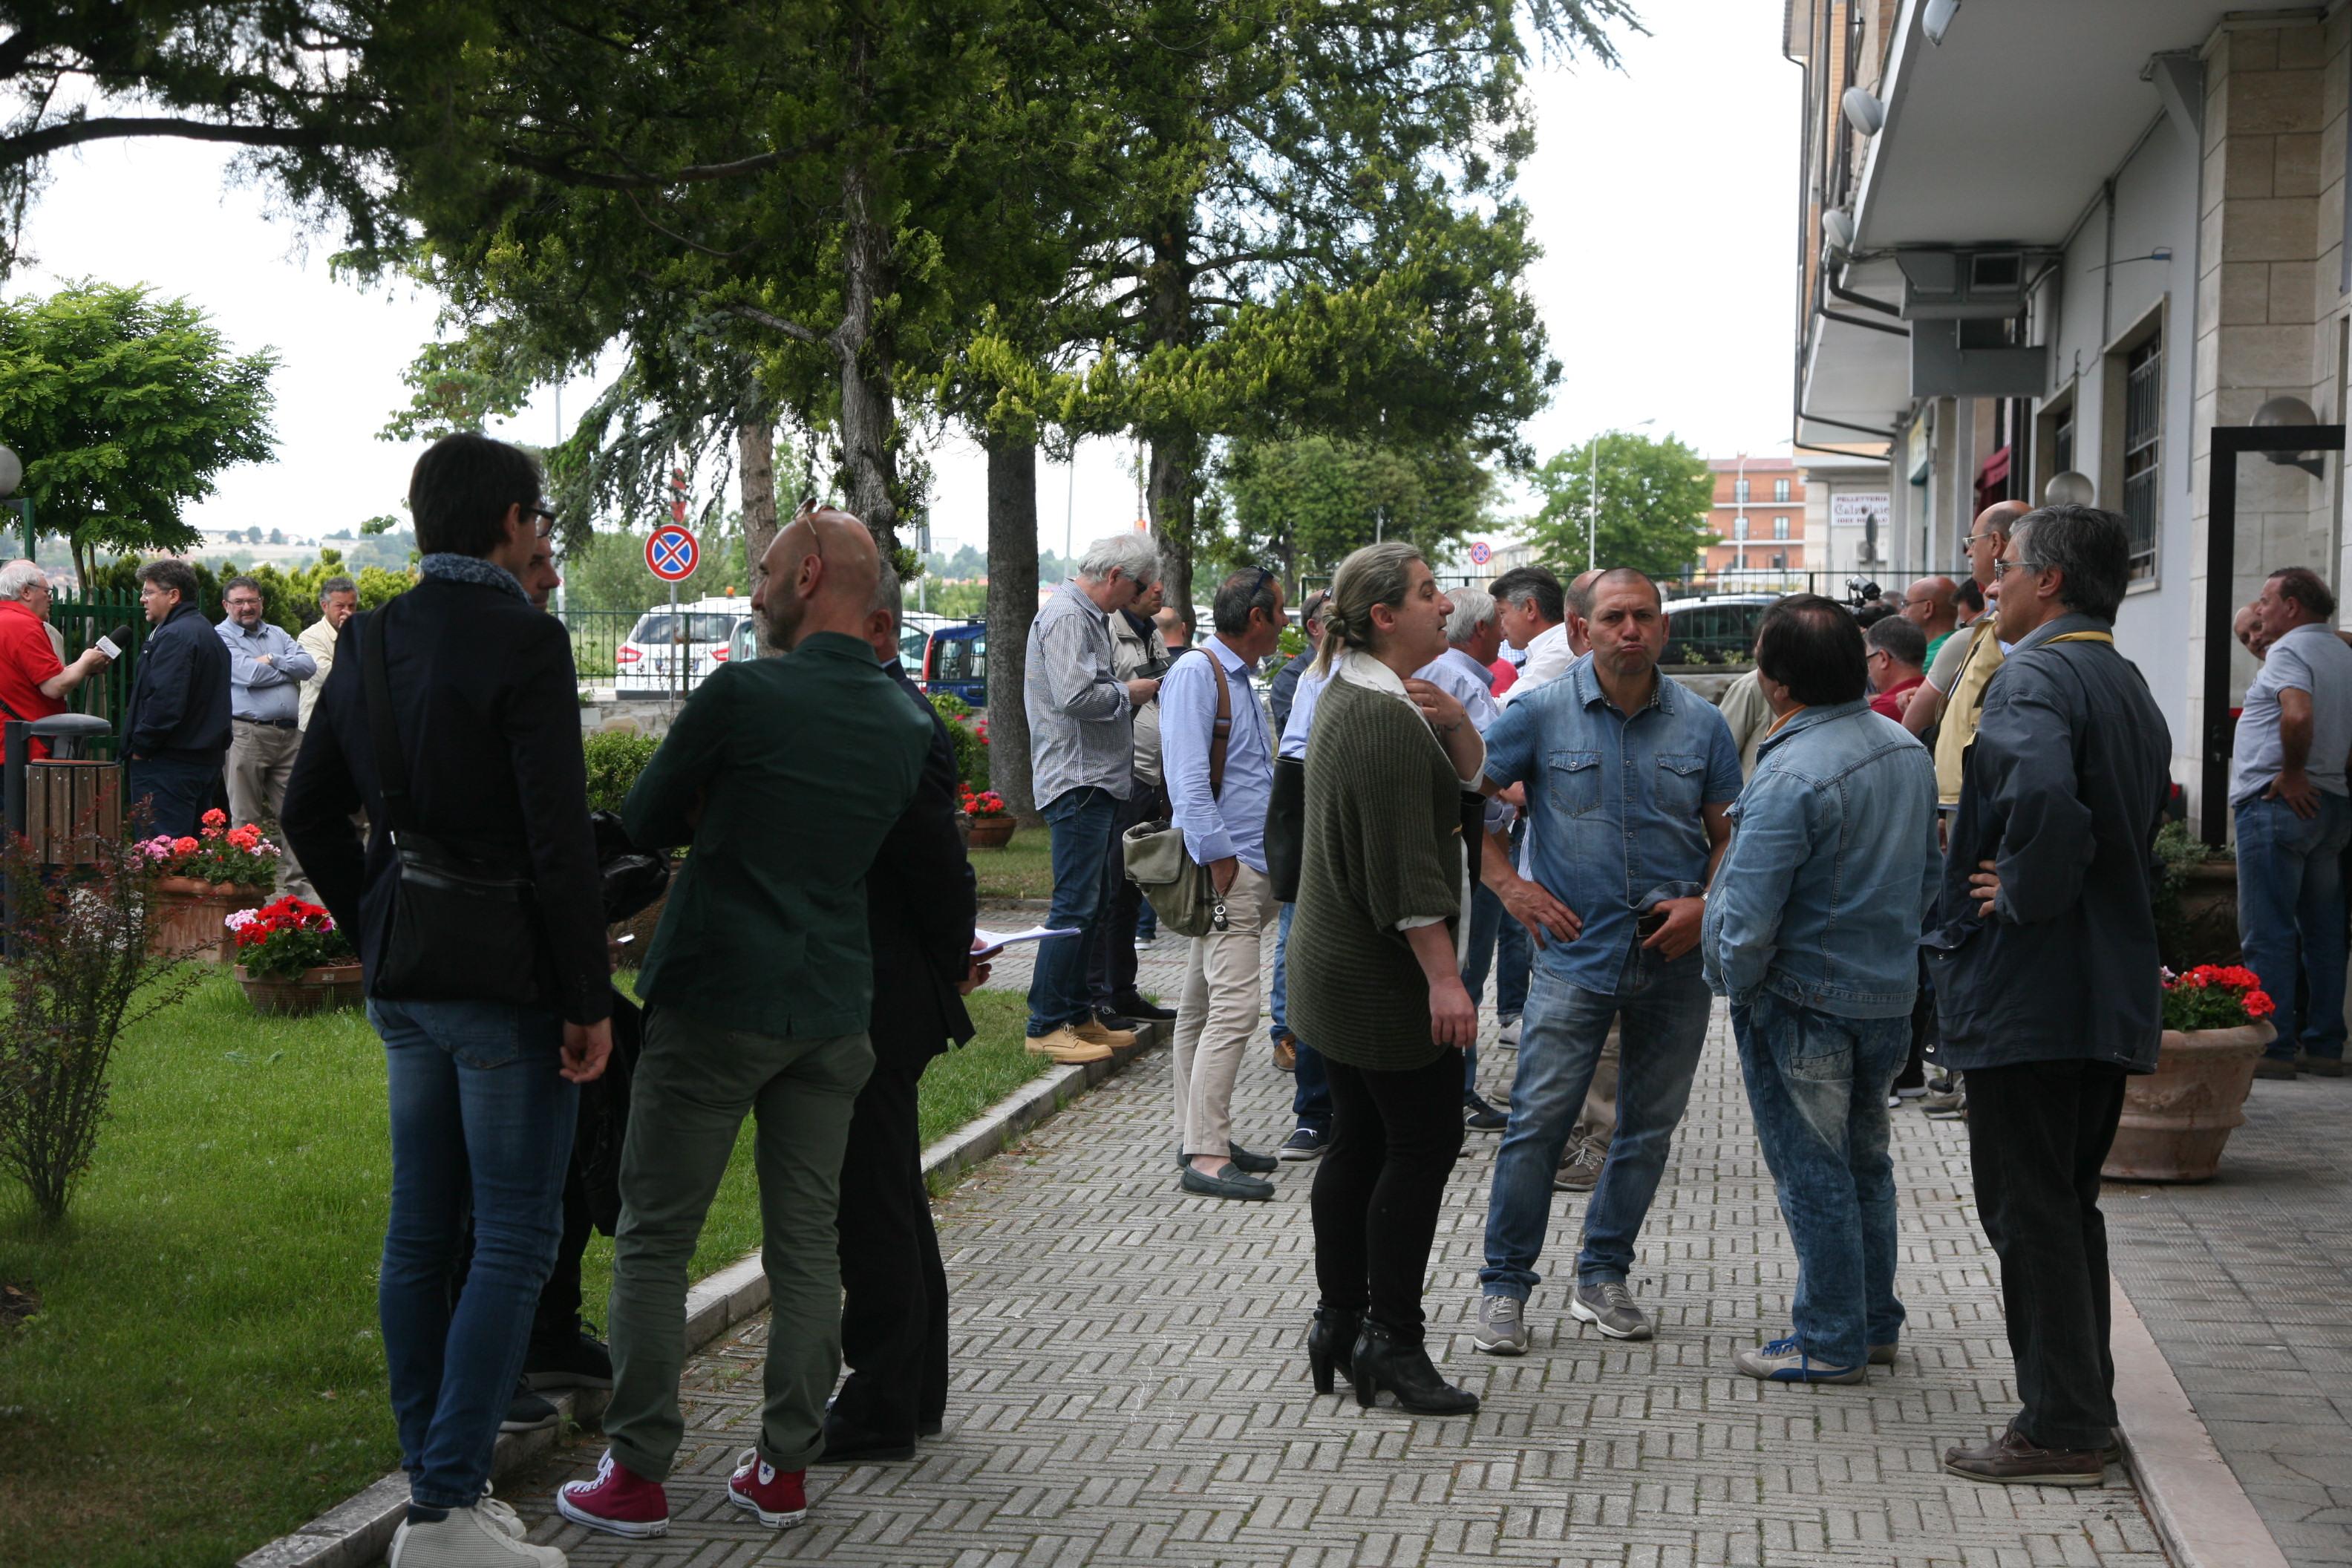 Ex Gam e Zuccherificio, i sindacati tornano alla carica